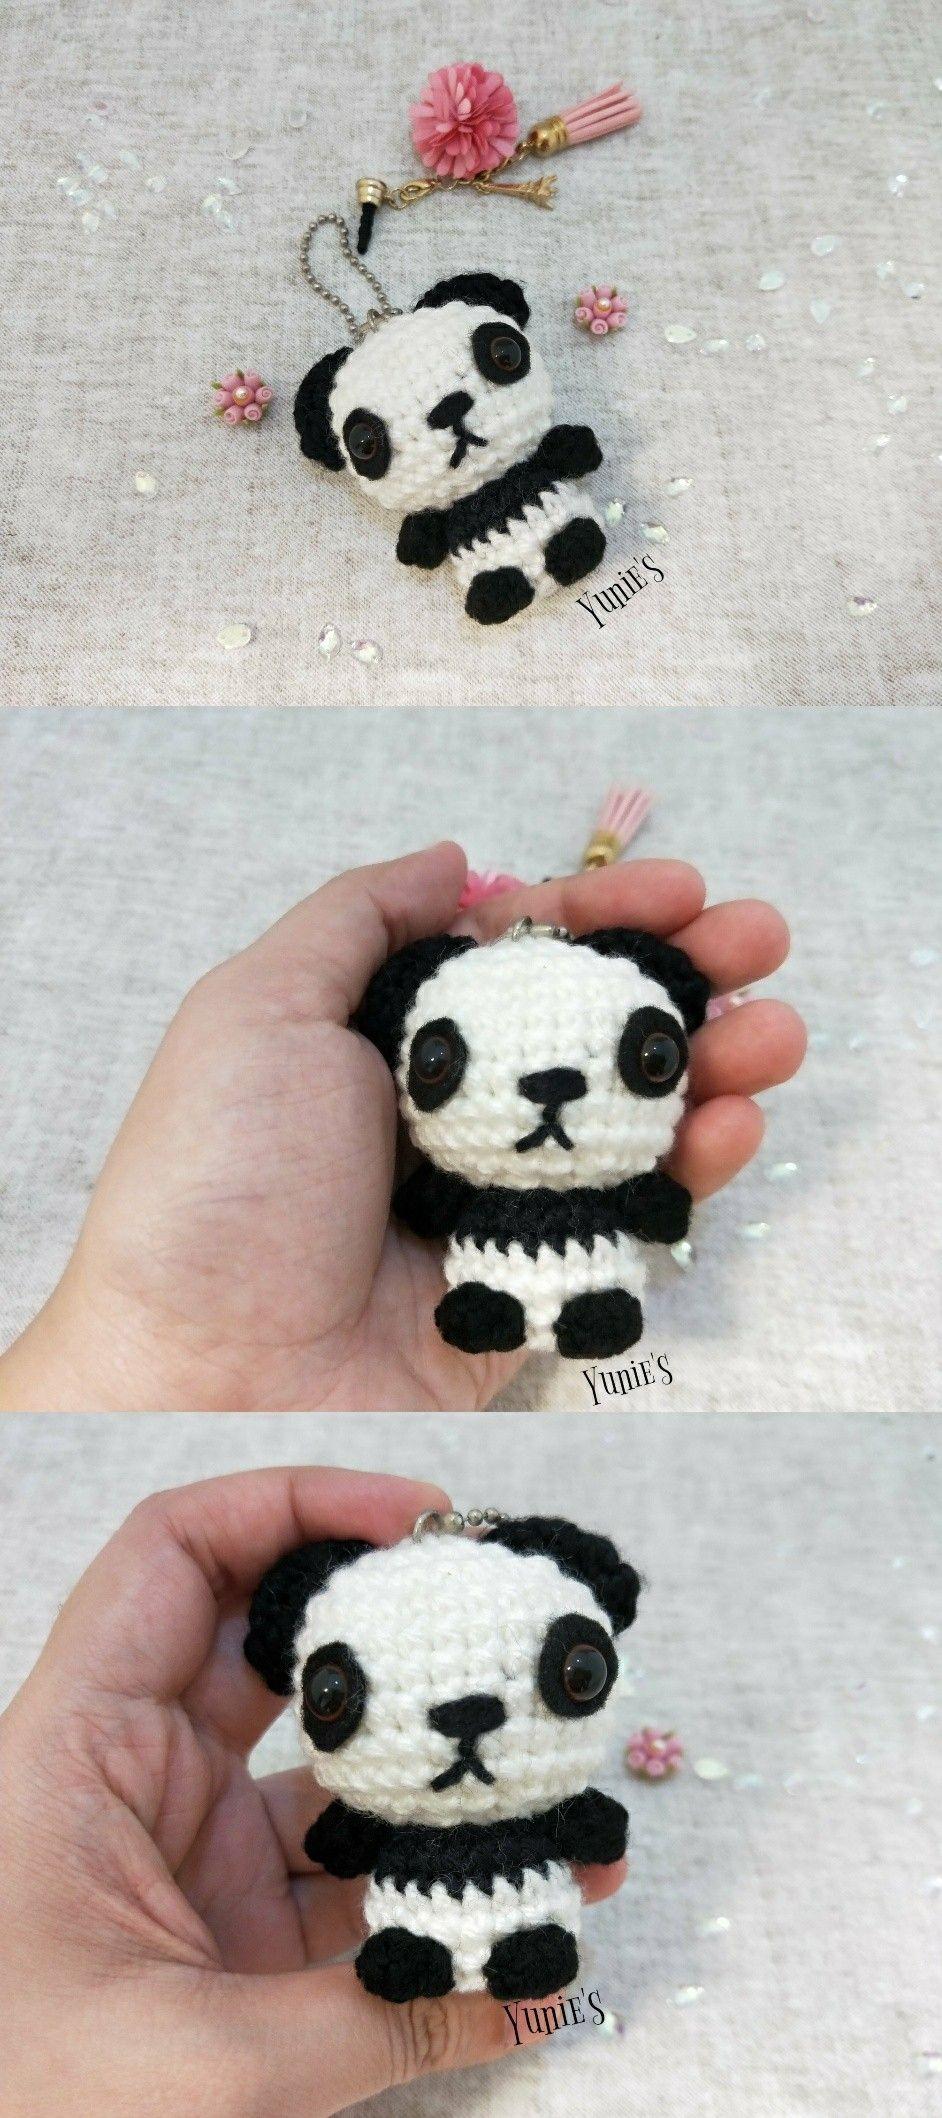 Panda Amigurumi, crochet panda, panda crochet, panda toy, amigurumi ...